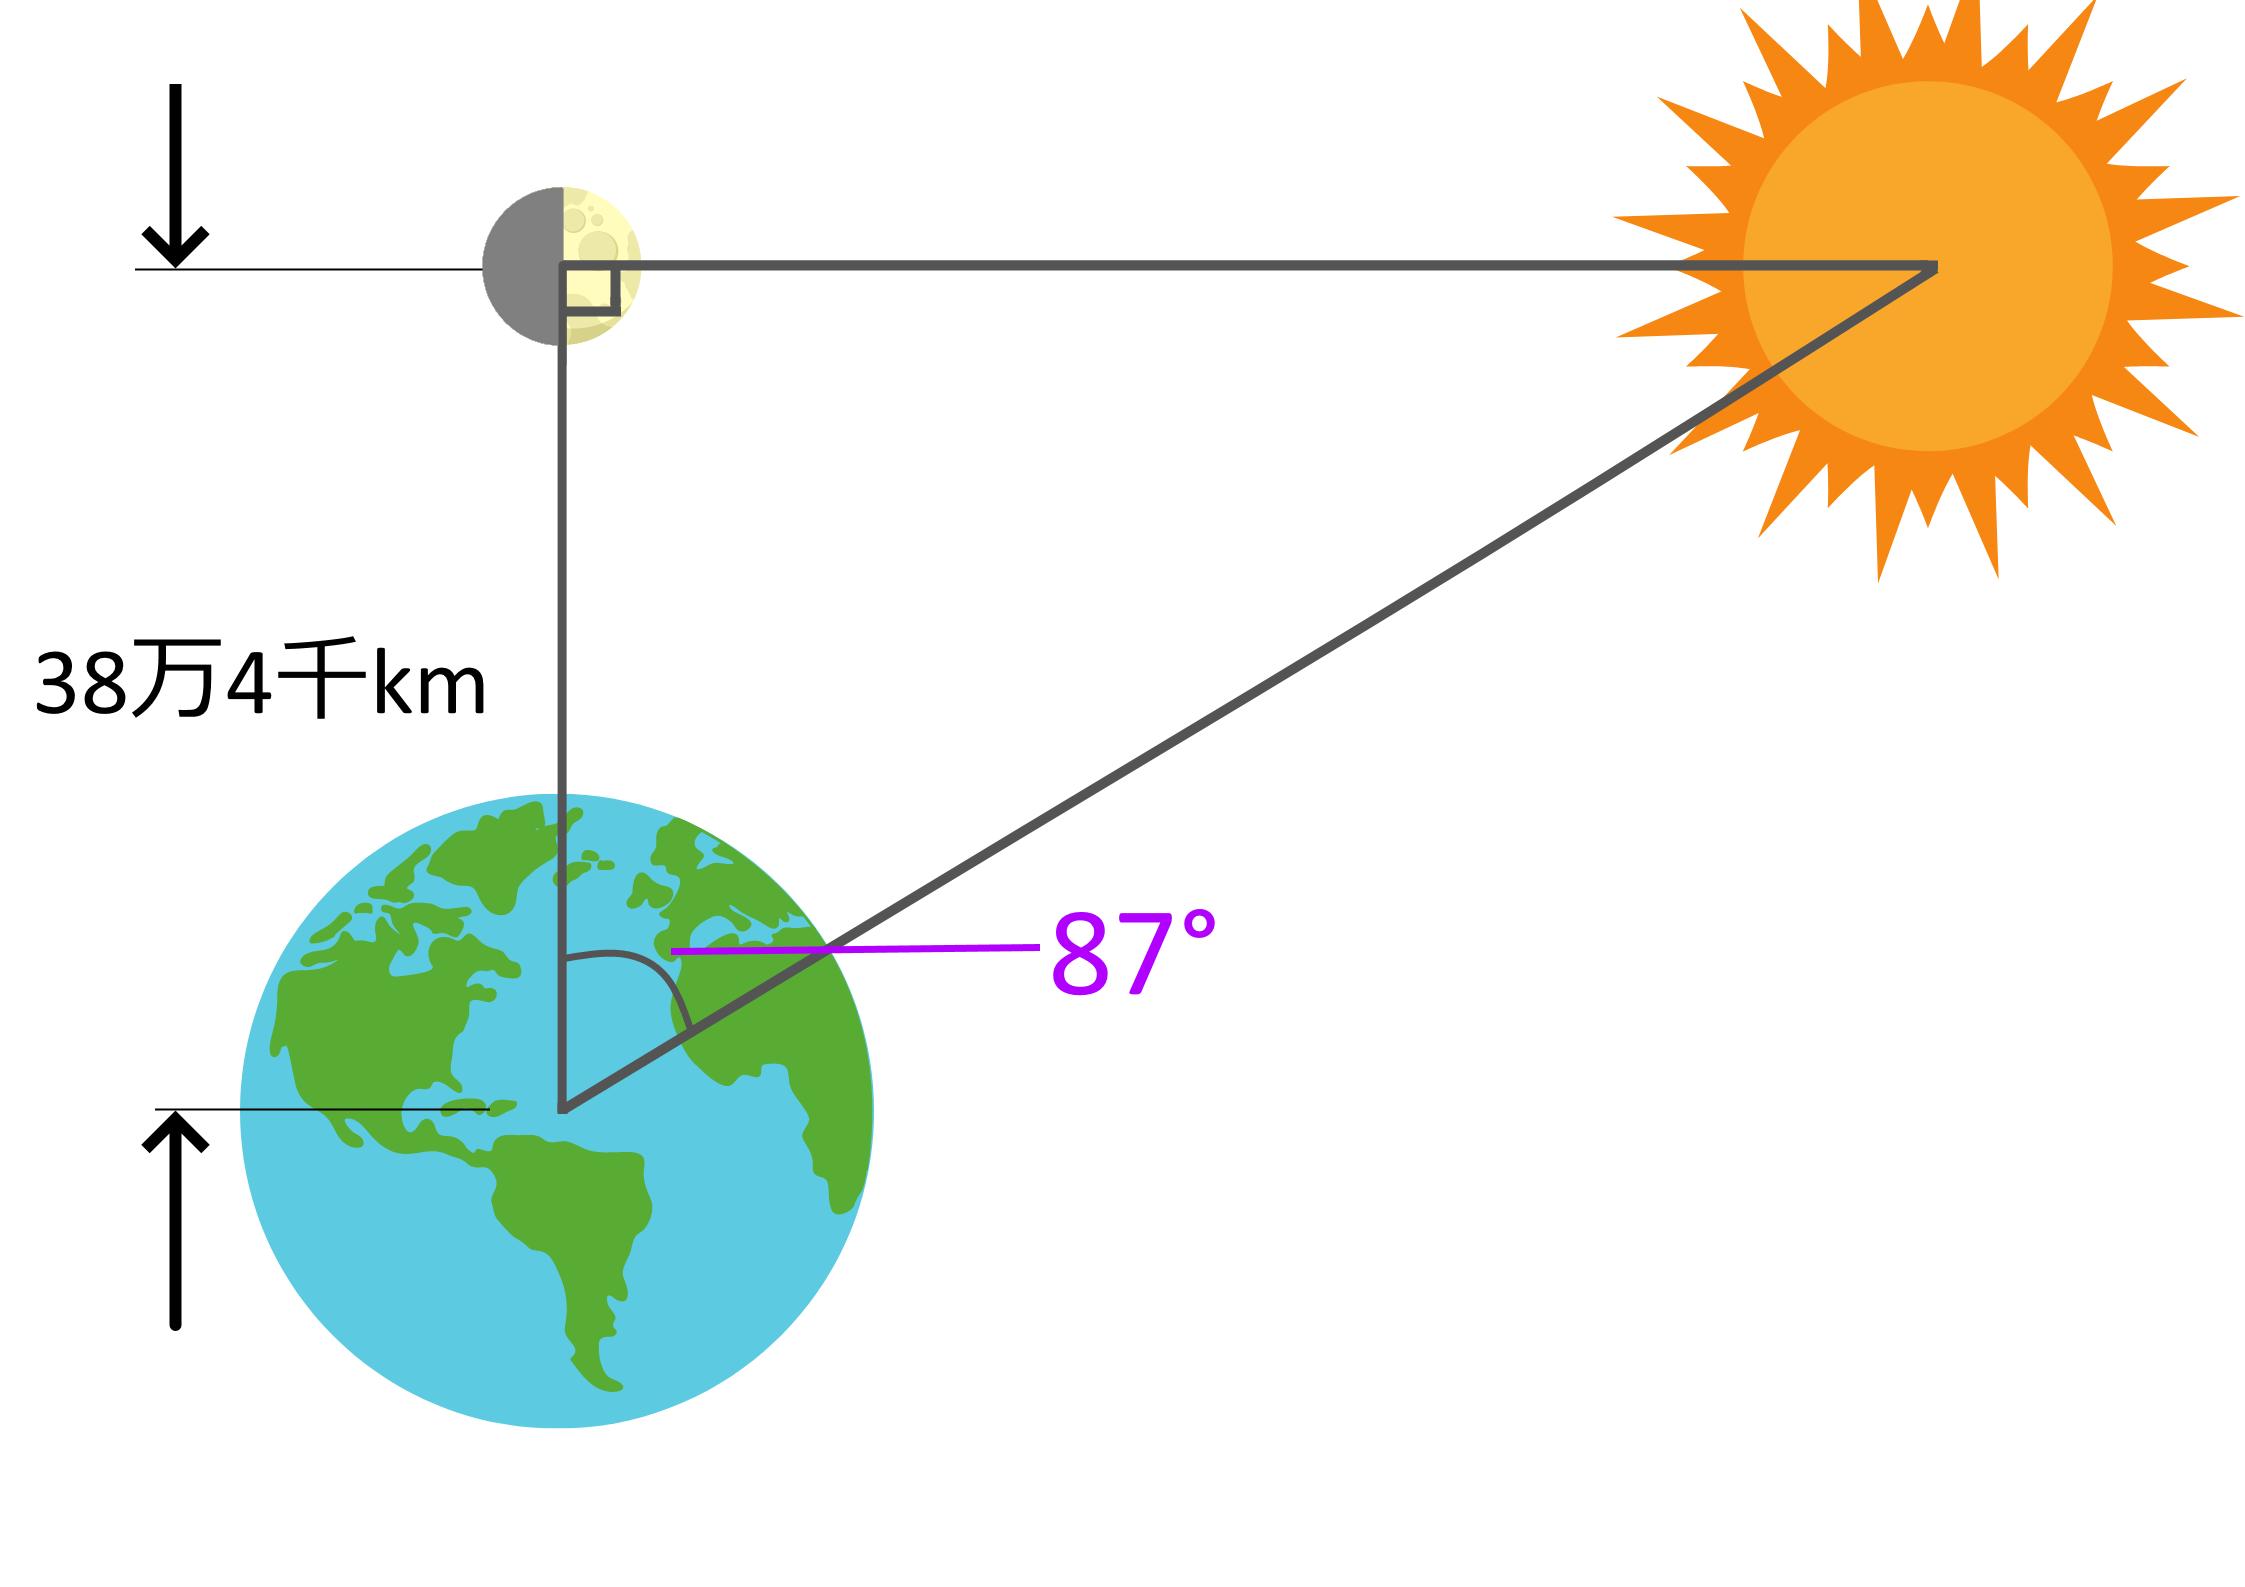 半月のとき月と太陽と地球は直角三角形を描く。図は誇張して描いているため実際の寸法とは異なる。